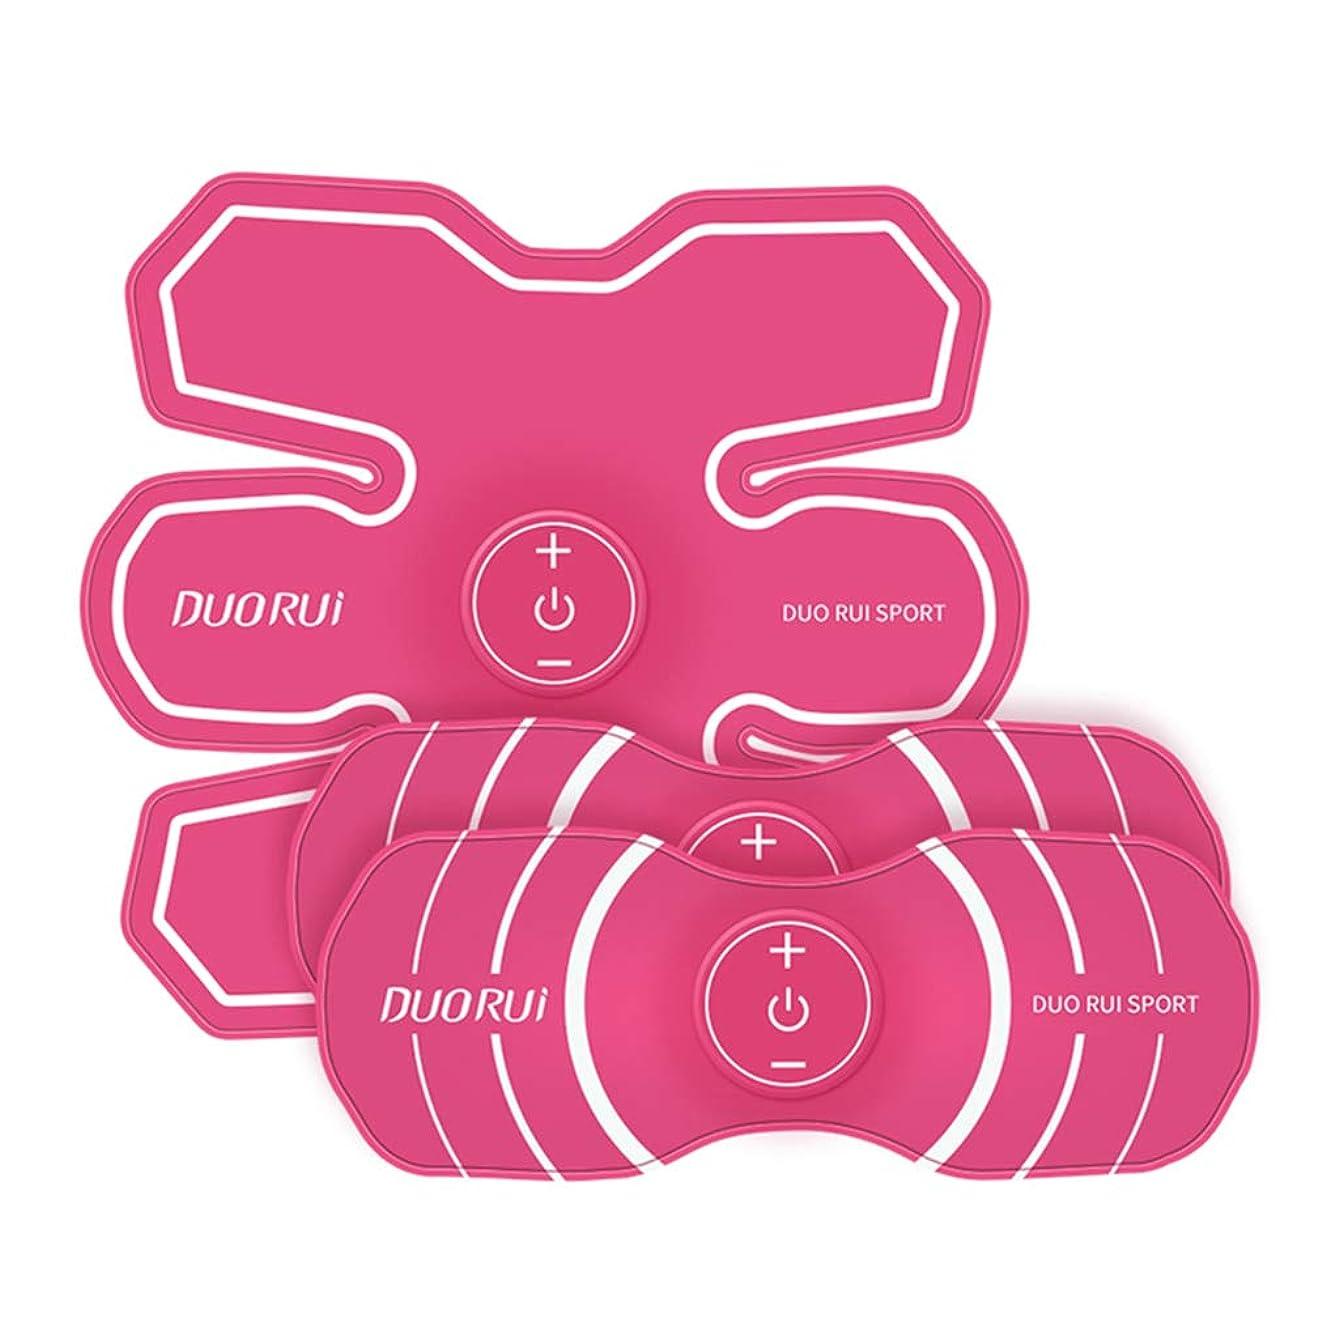 虚栄心許可サイズフィットネス薄いベルト、腹筋フィットネスベルト筋肉腹部トレーナーボディ腹部ベルト腹部筋肉トレーナーホームオフィストレーニング機器機用男性&女性ギフト (Color : BLACK, Size : 17.8*15.2*1CM)